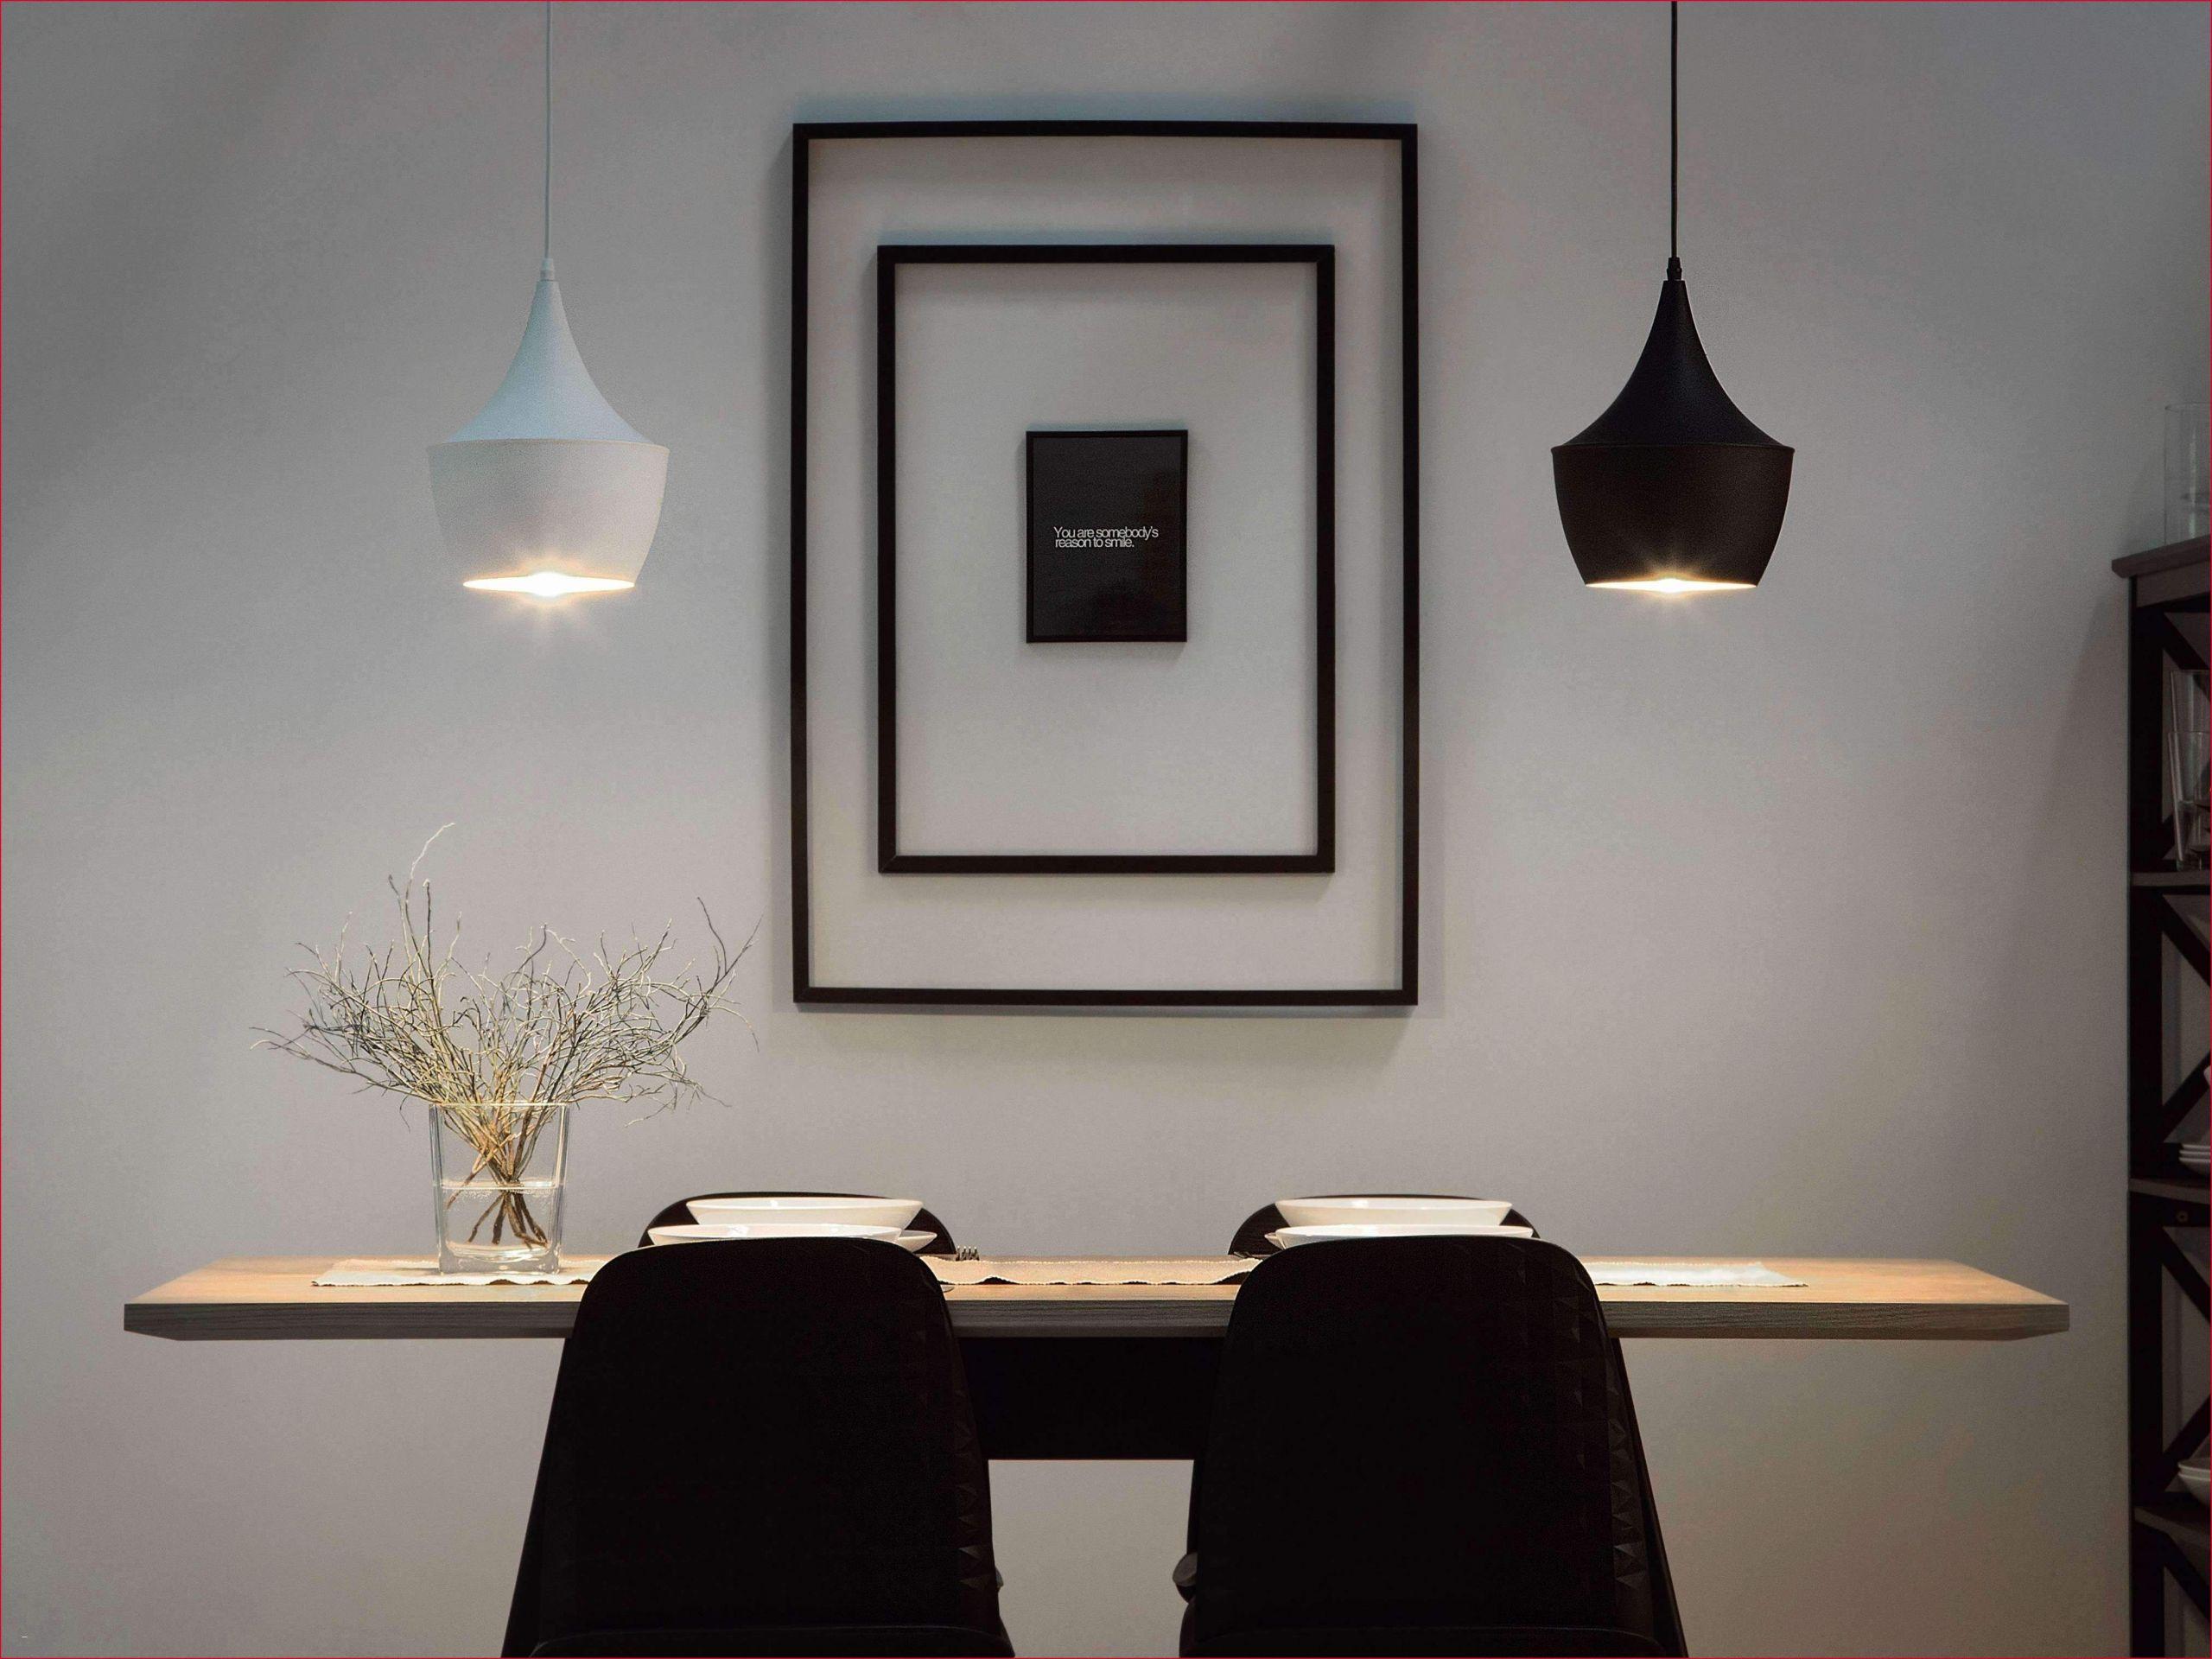 wohnzimmer stehlampe reizend wege zu garten lampe fotos von garten dekorativ of wohnzimmer stehlampe